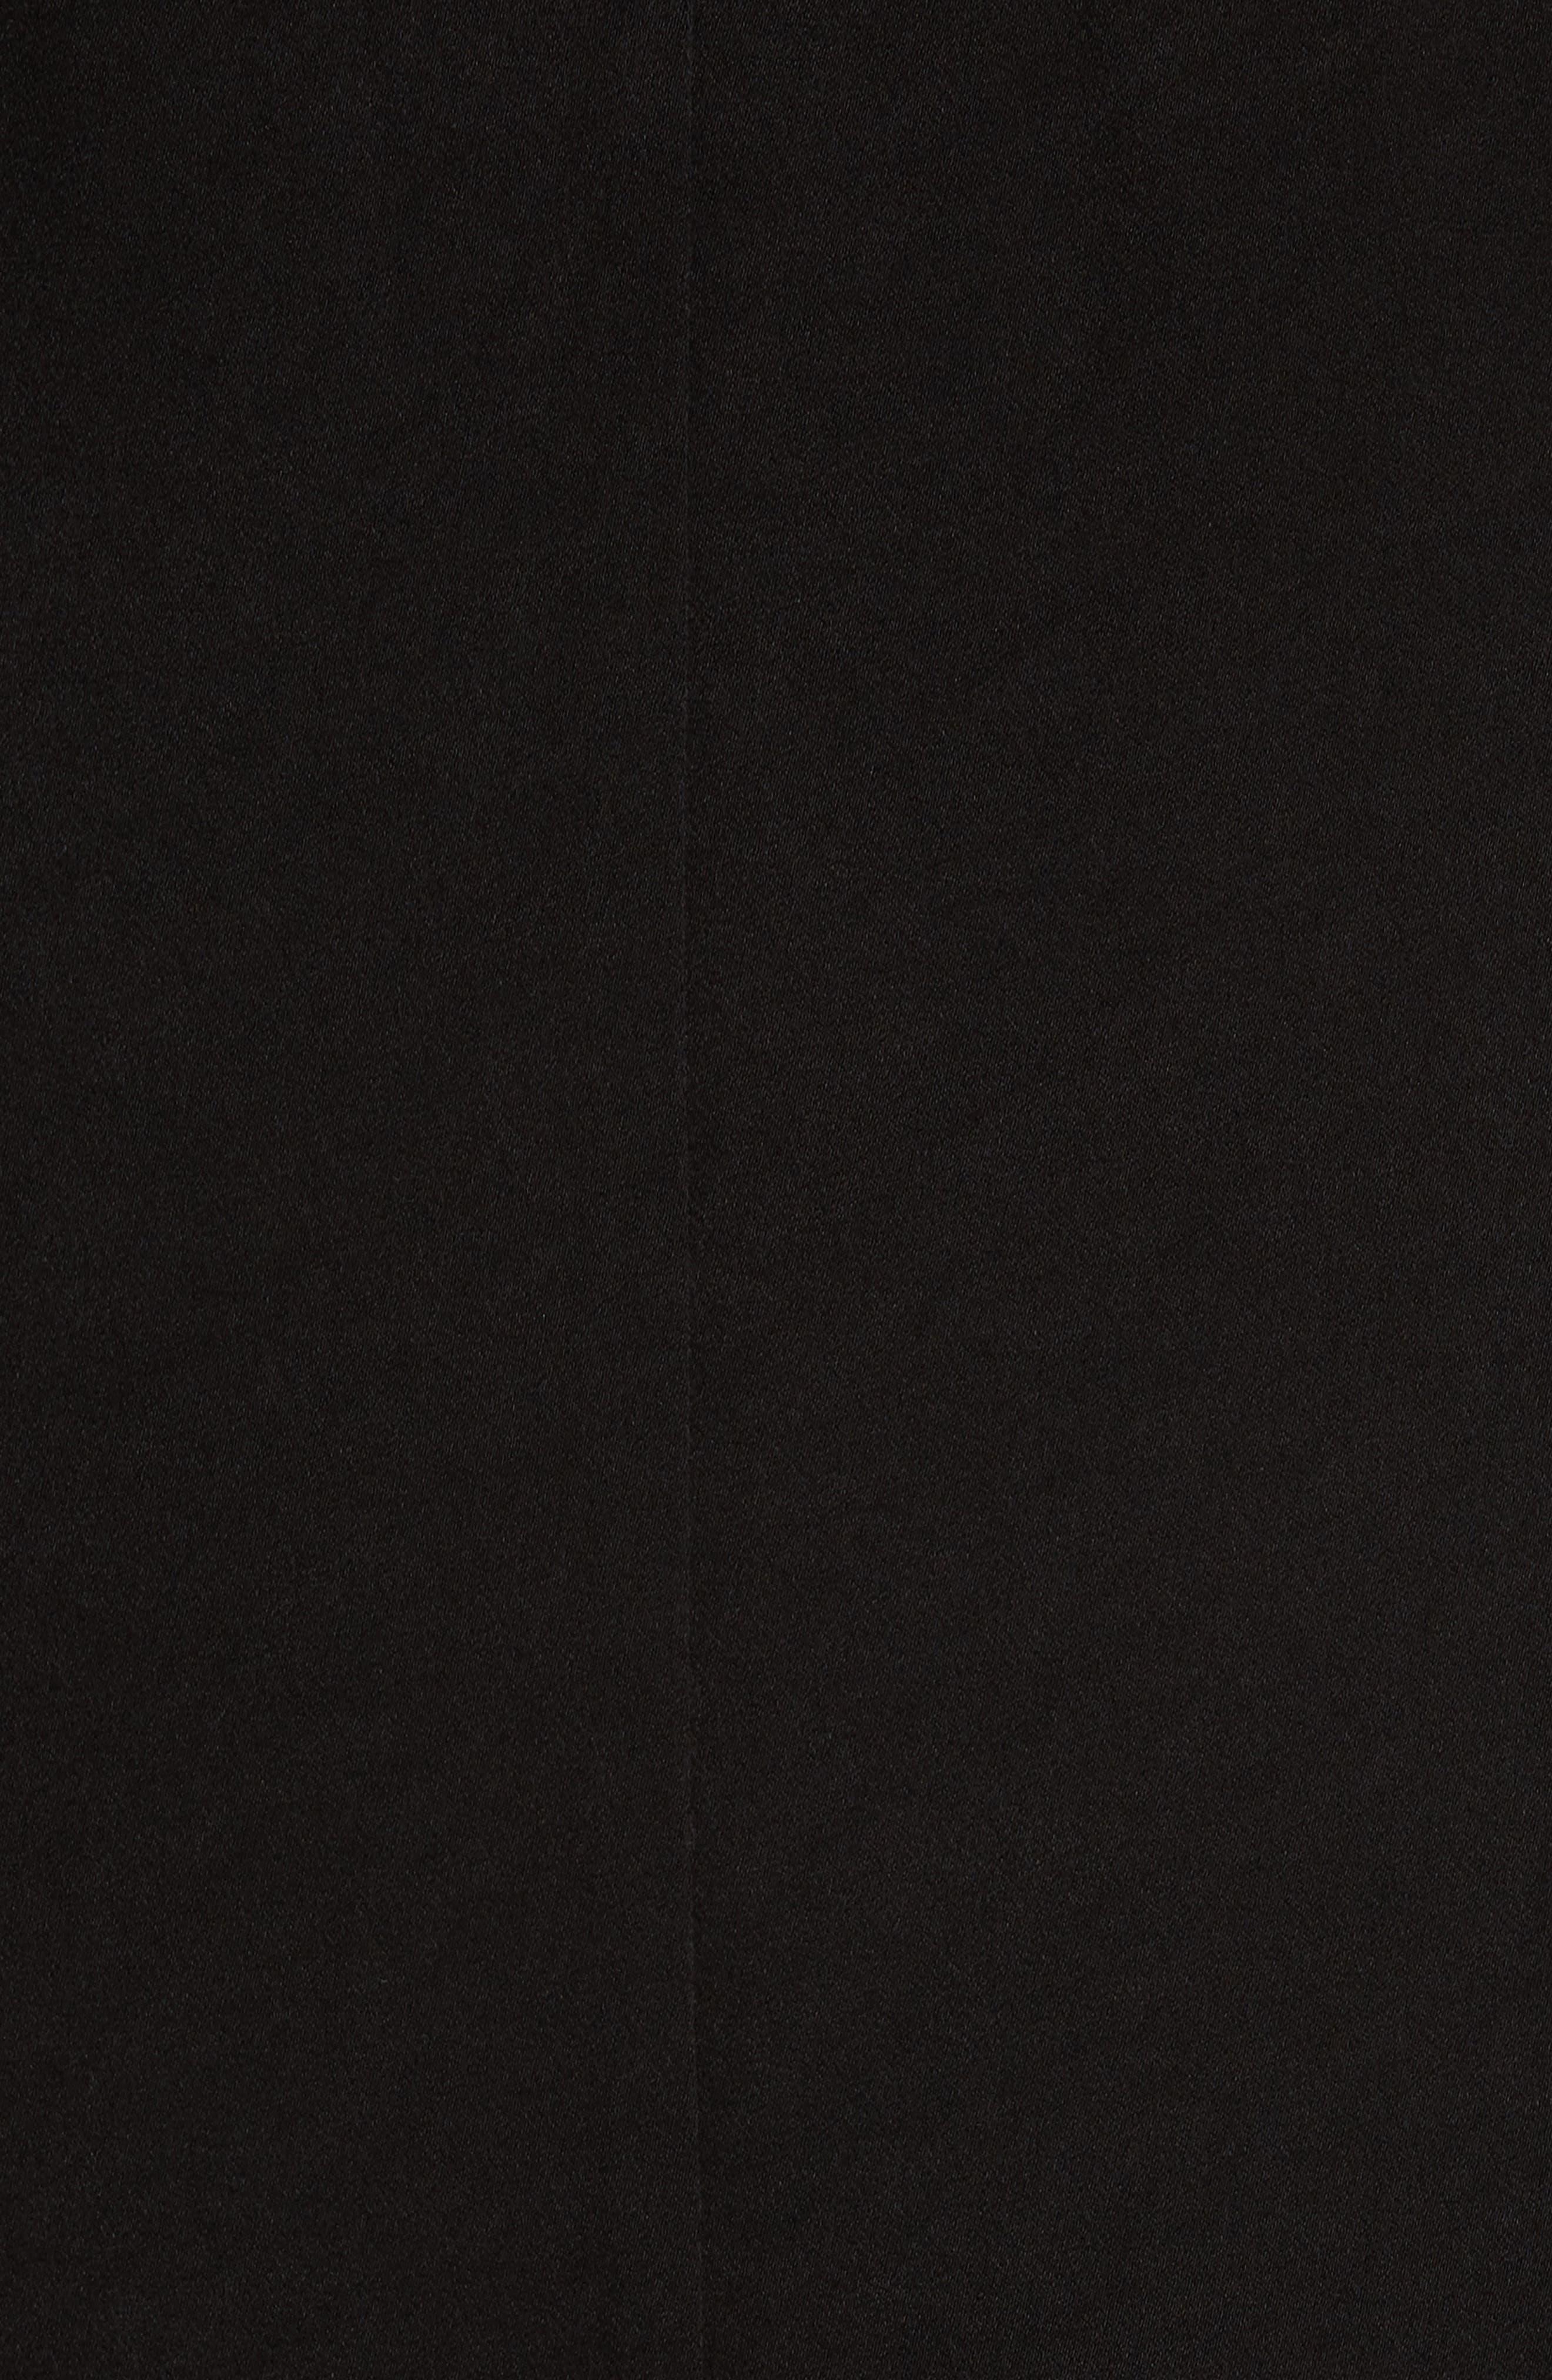 Fynn Embellished Cold Shoulder Midi Dress,                             Alternate thumbnail 5, color,                             001